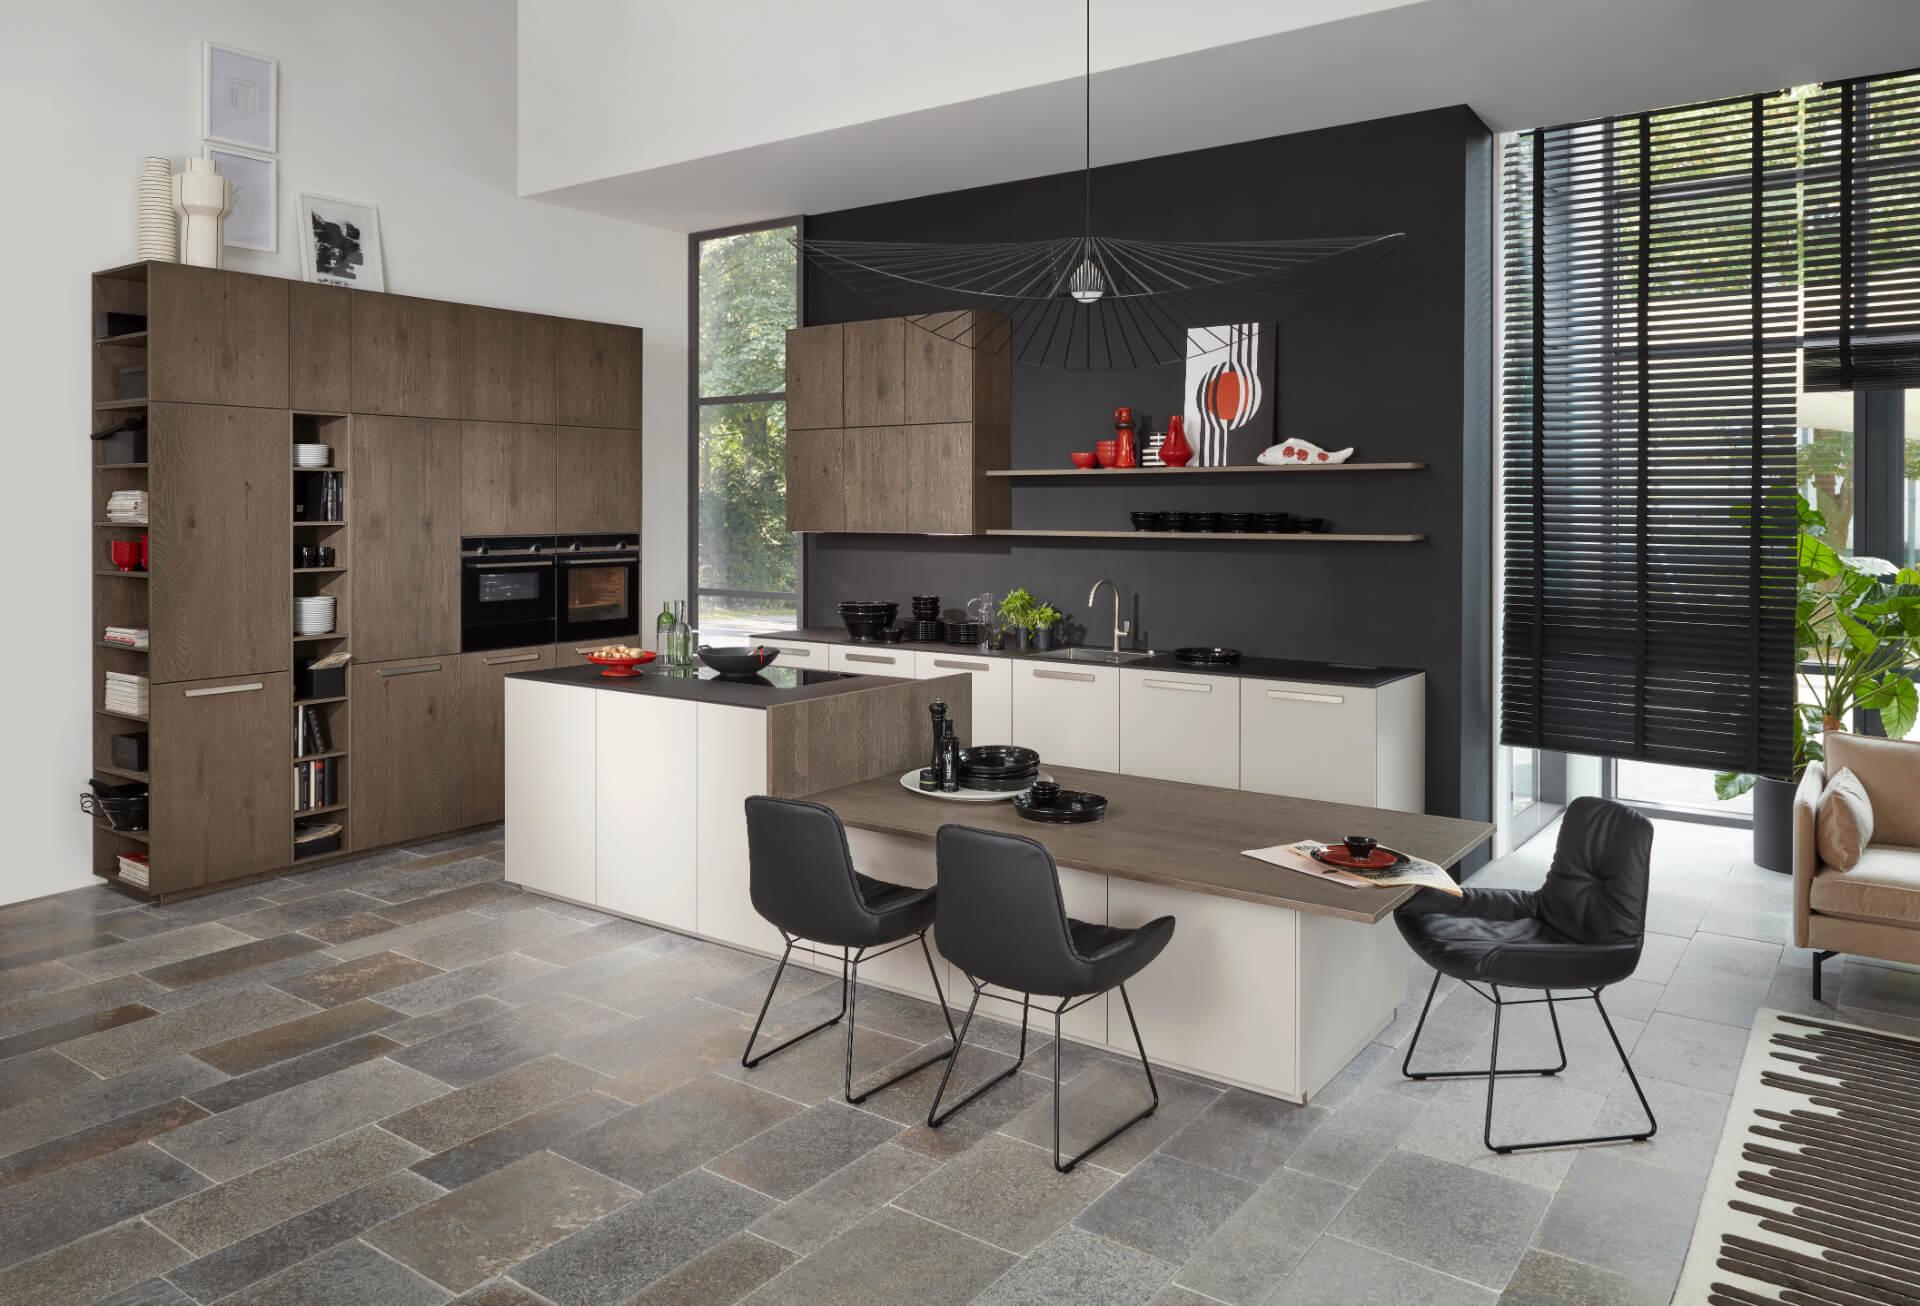 Nolte Tavola Wooden Kitchen